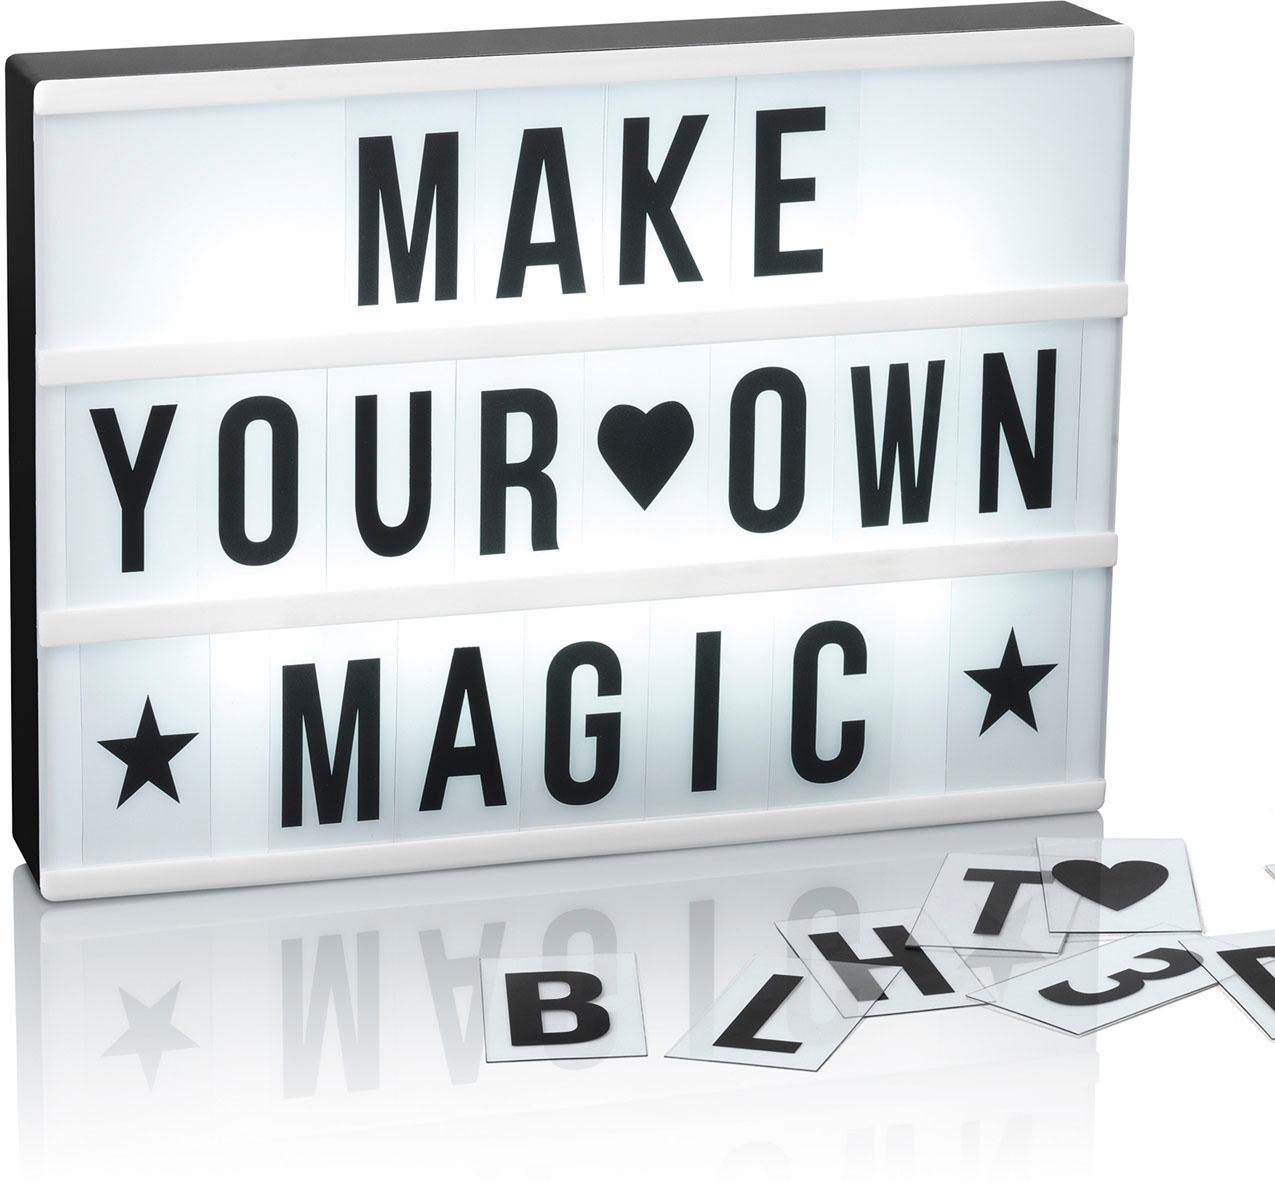 easymaxx led bild leuchtkasten bestellen baur. Black Bedroom Furniture Sets. Home Design Ideas